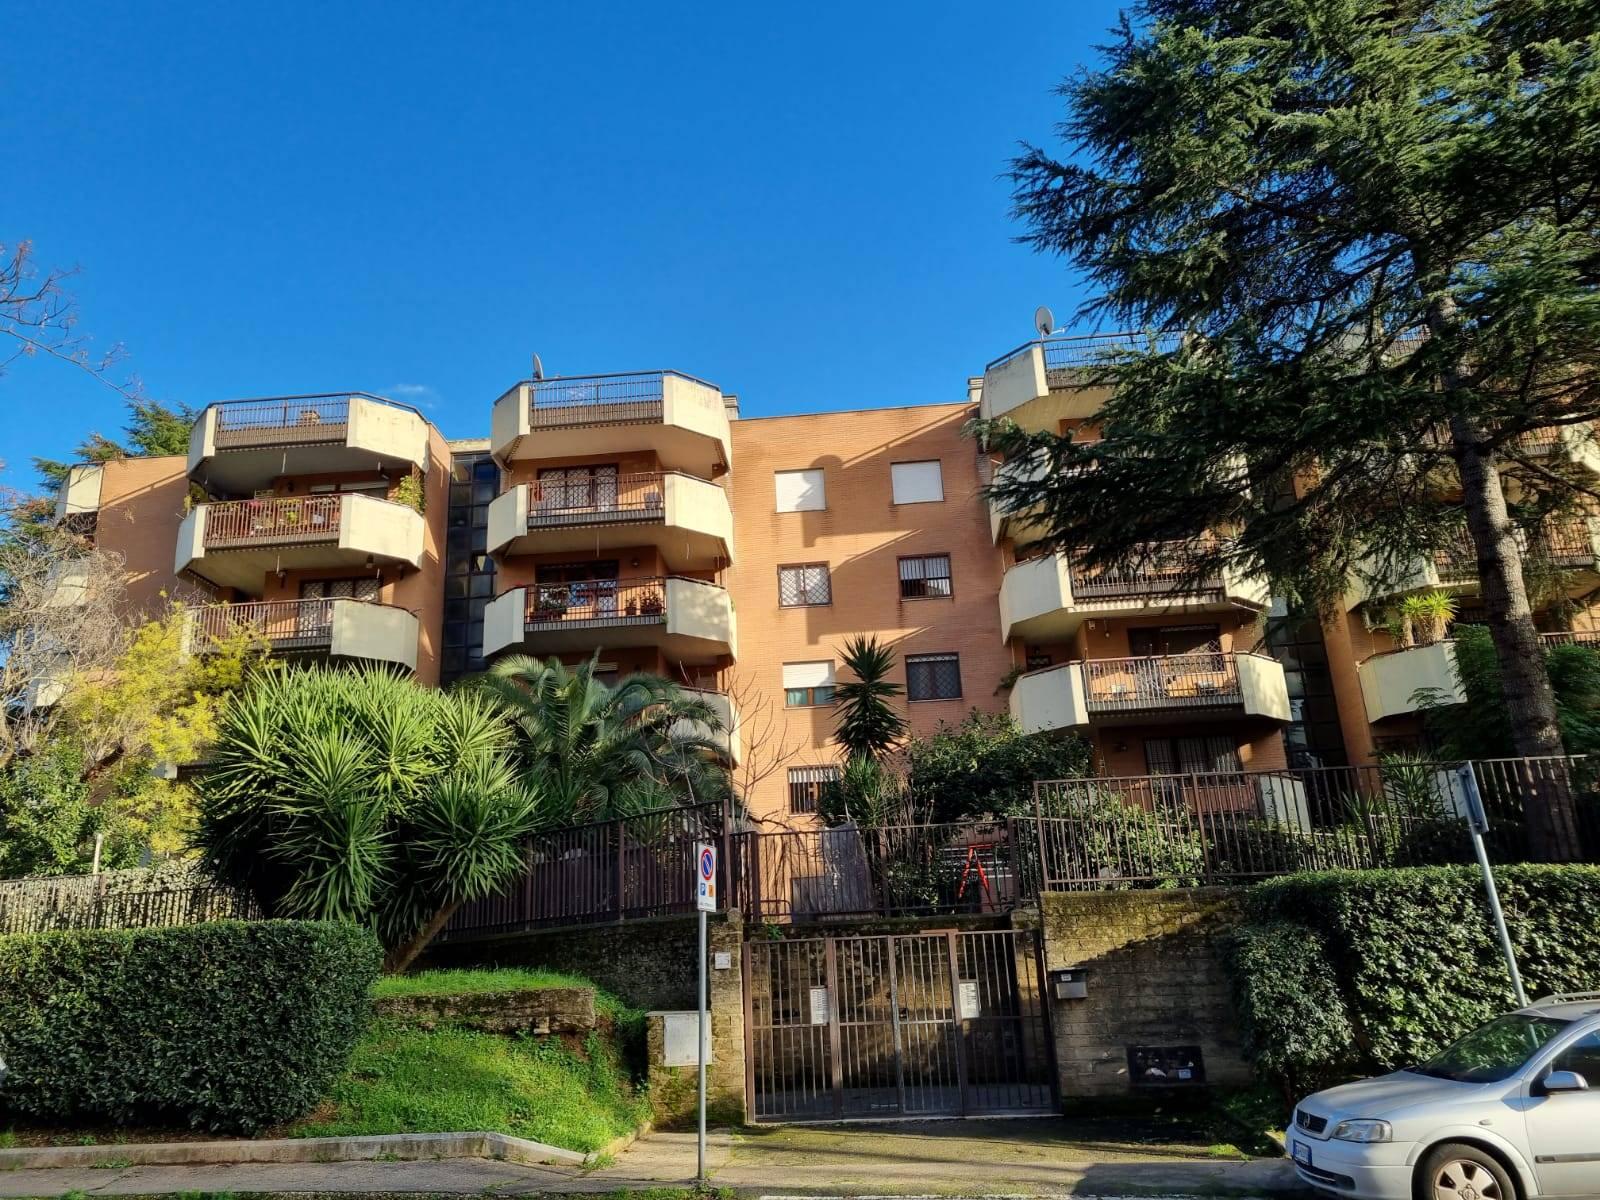 Casal de Pazzi Via Vittorio Valletta proponiamo in affitto appartamento mq. 80 composto da ingresso, soggiorno, cucina abitabile, due camere